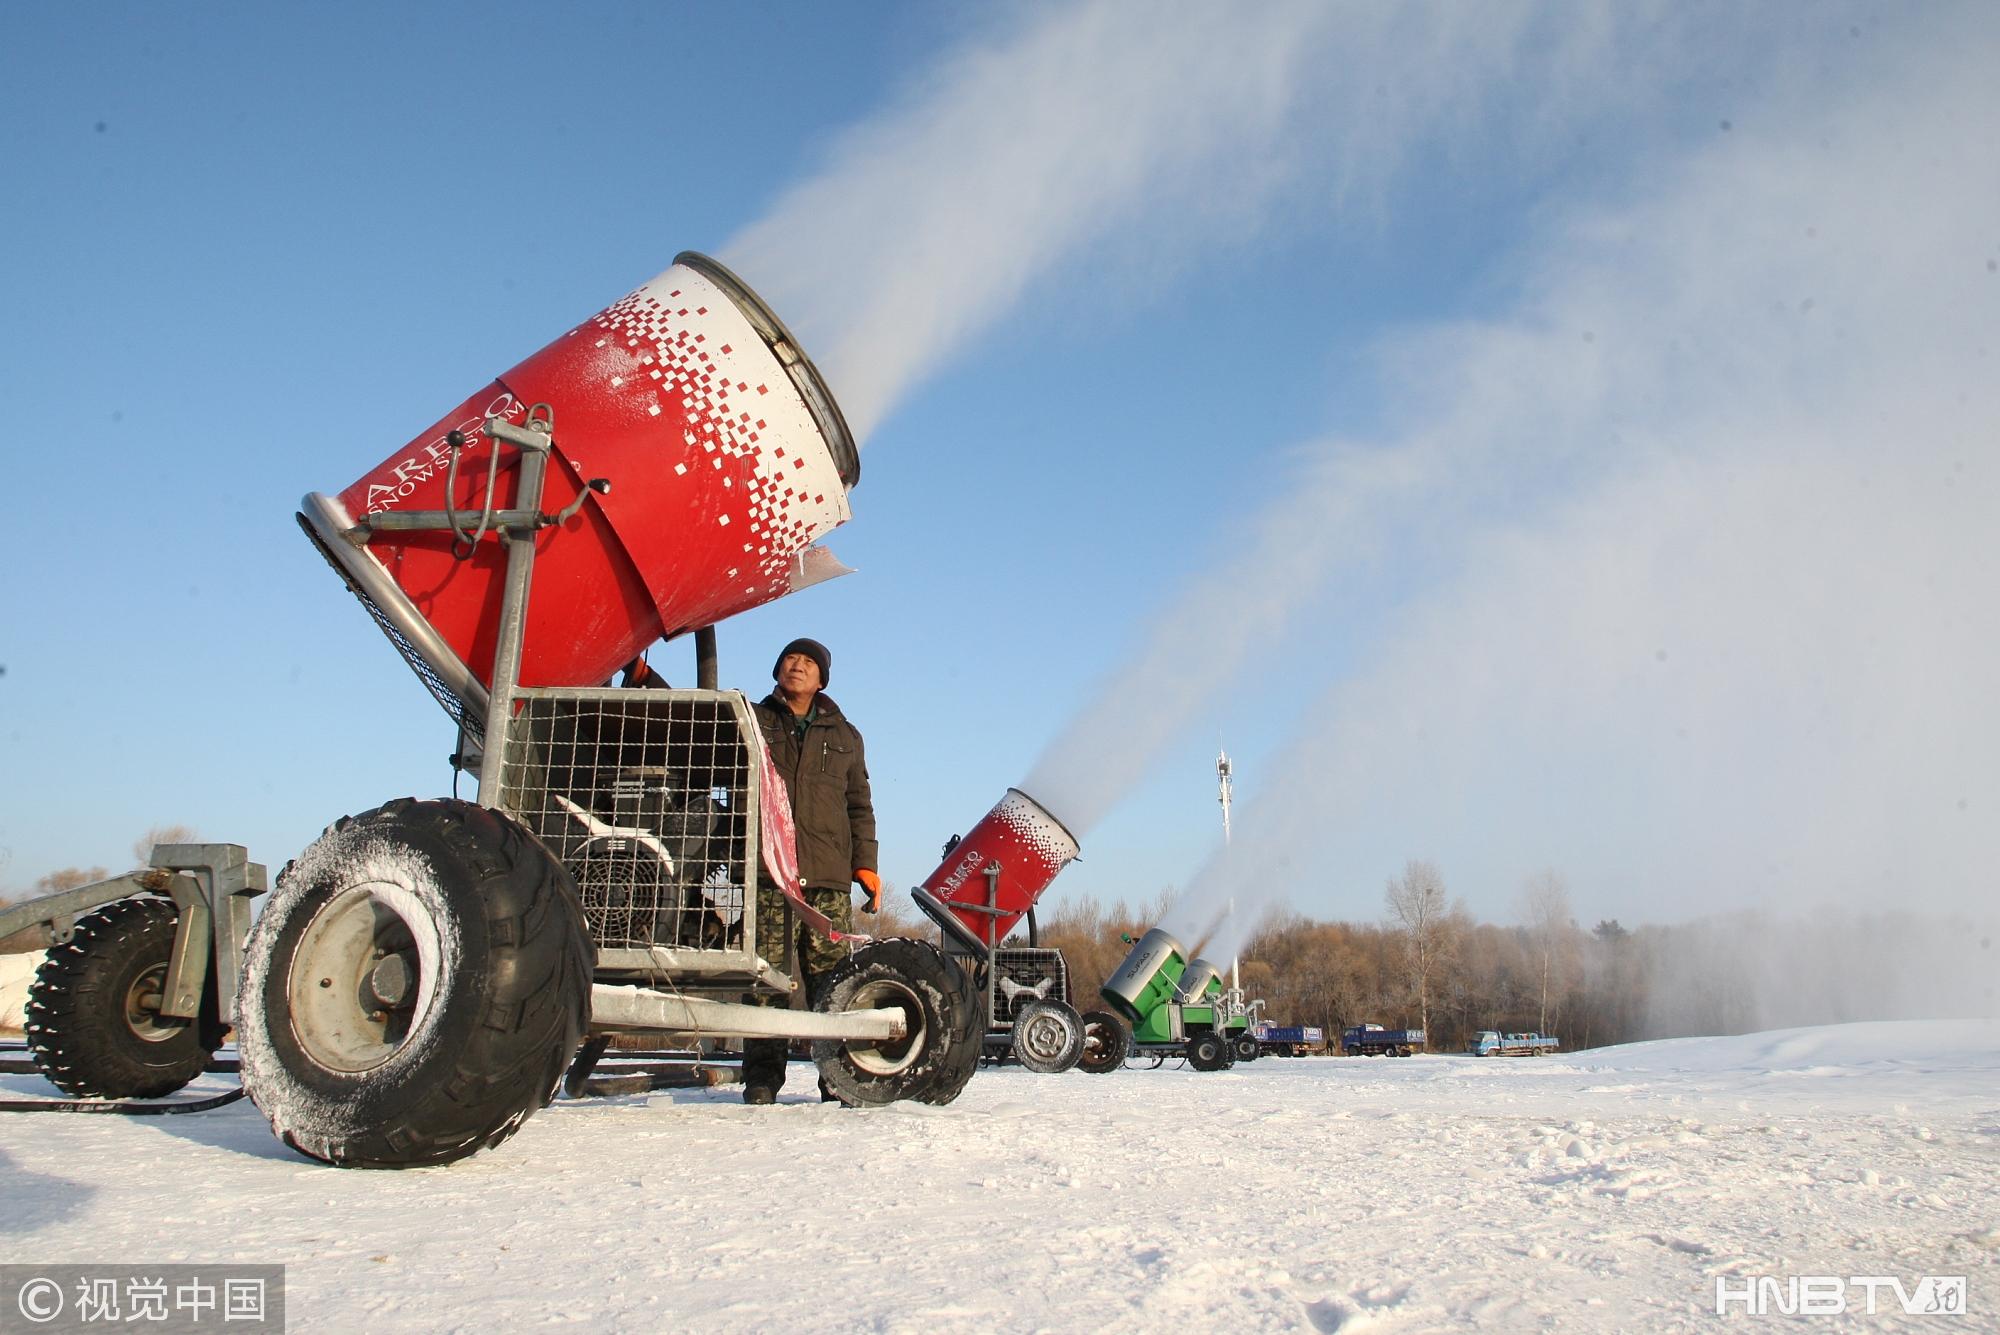 哈尔滨太阳岛24小时人工造雪 为国际雪雕艺术博览会做准备(组图)